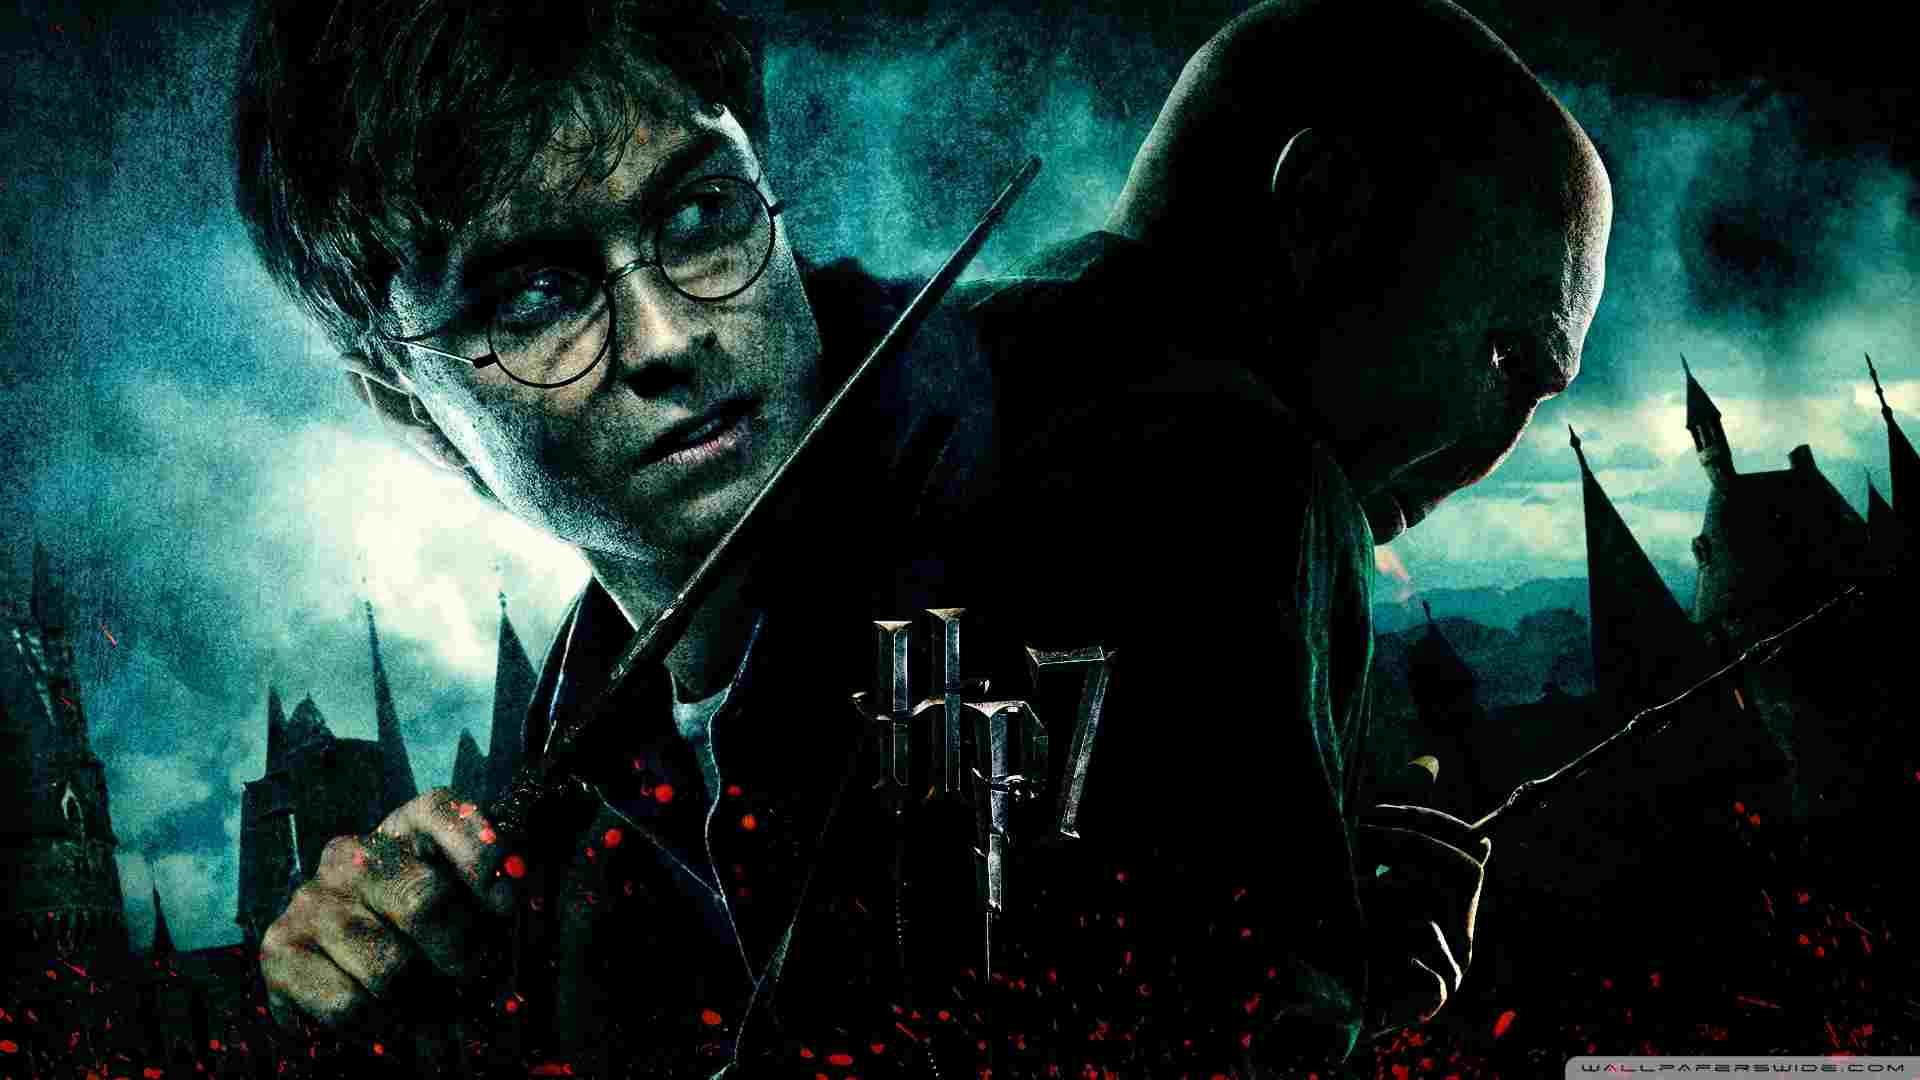 Harry Potter 4k Ultra Hd - HD Wallpaper